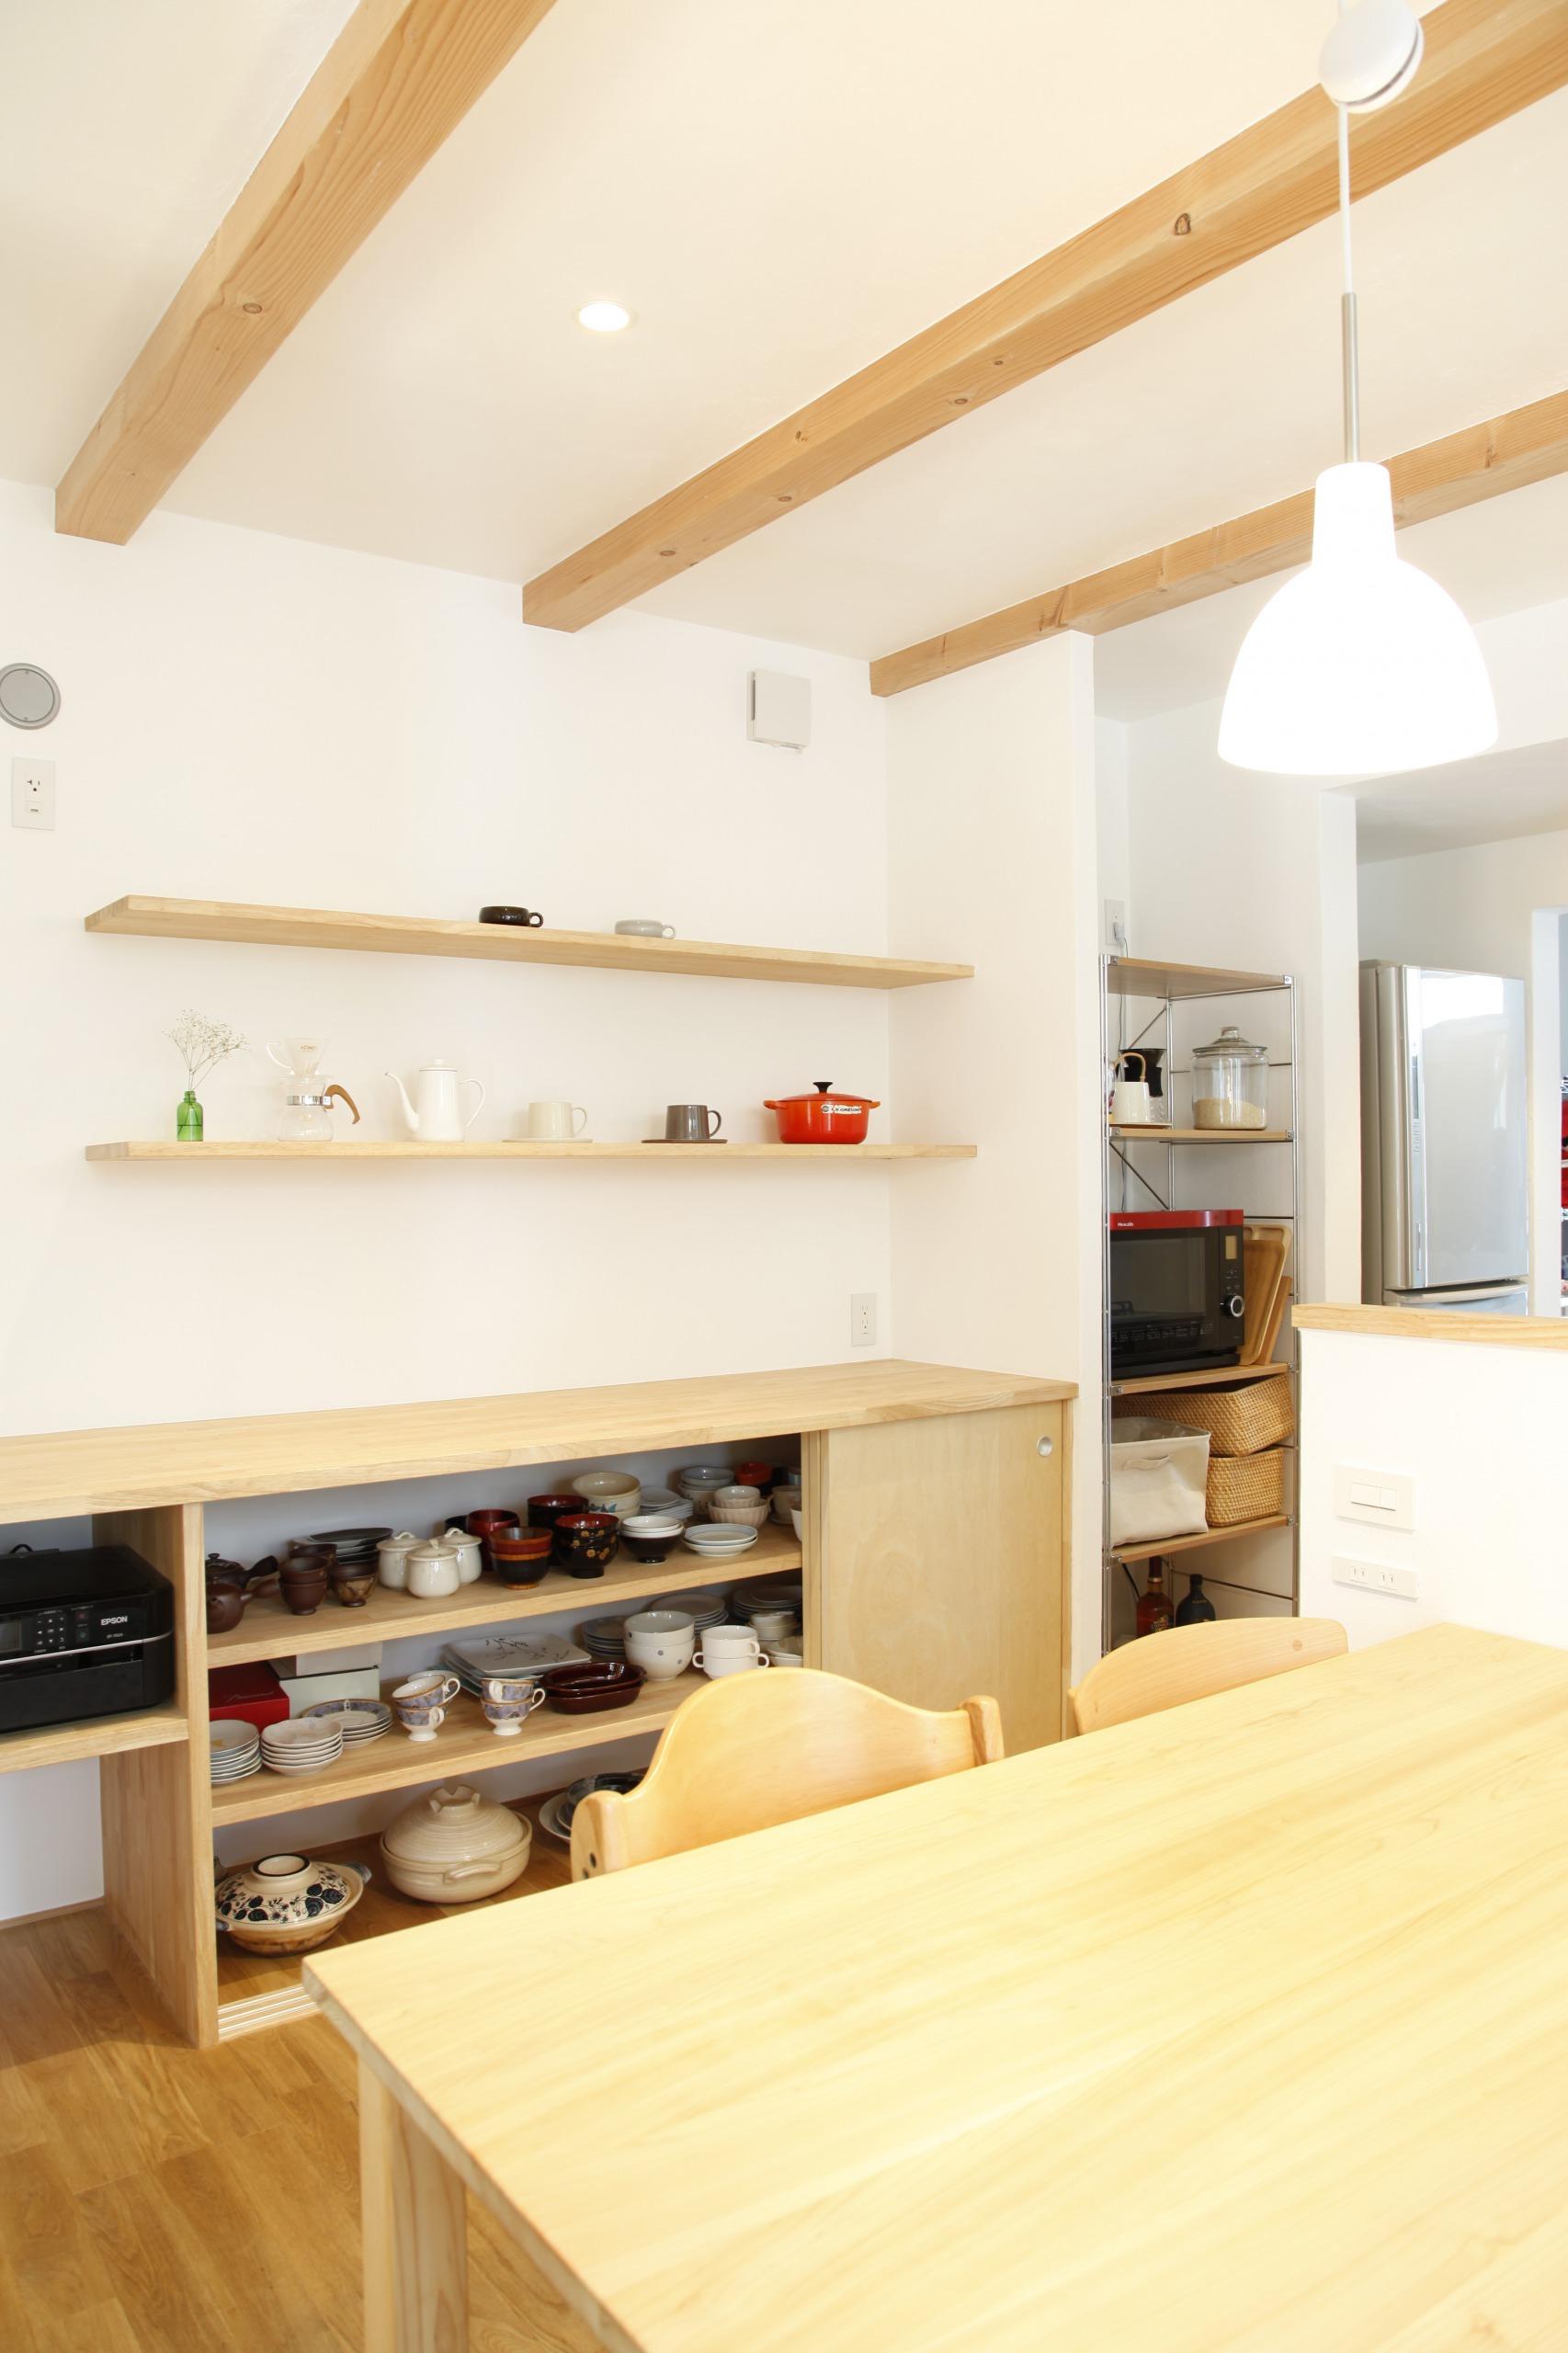 アトリエプラス【デザイン住宅、子育て、自然素材】一枚の無垢板で造った机は子供達が並んで勉強やお絵かきが出来る。収納棚も造作し機能的に